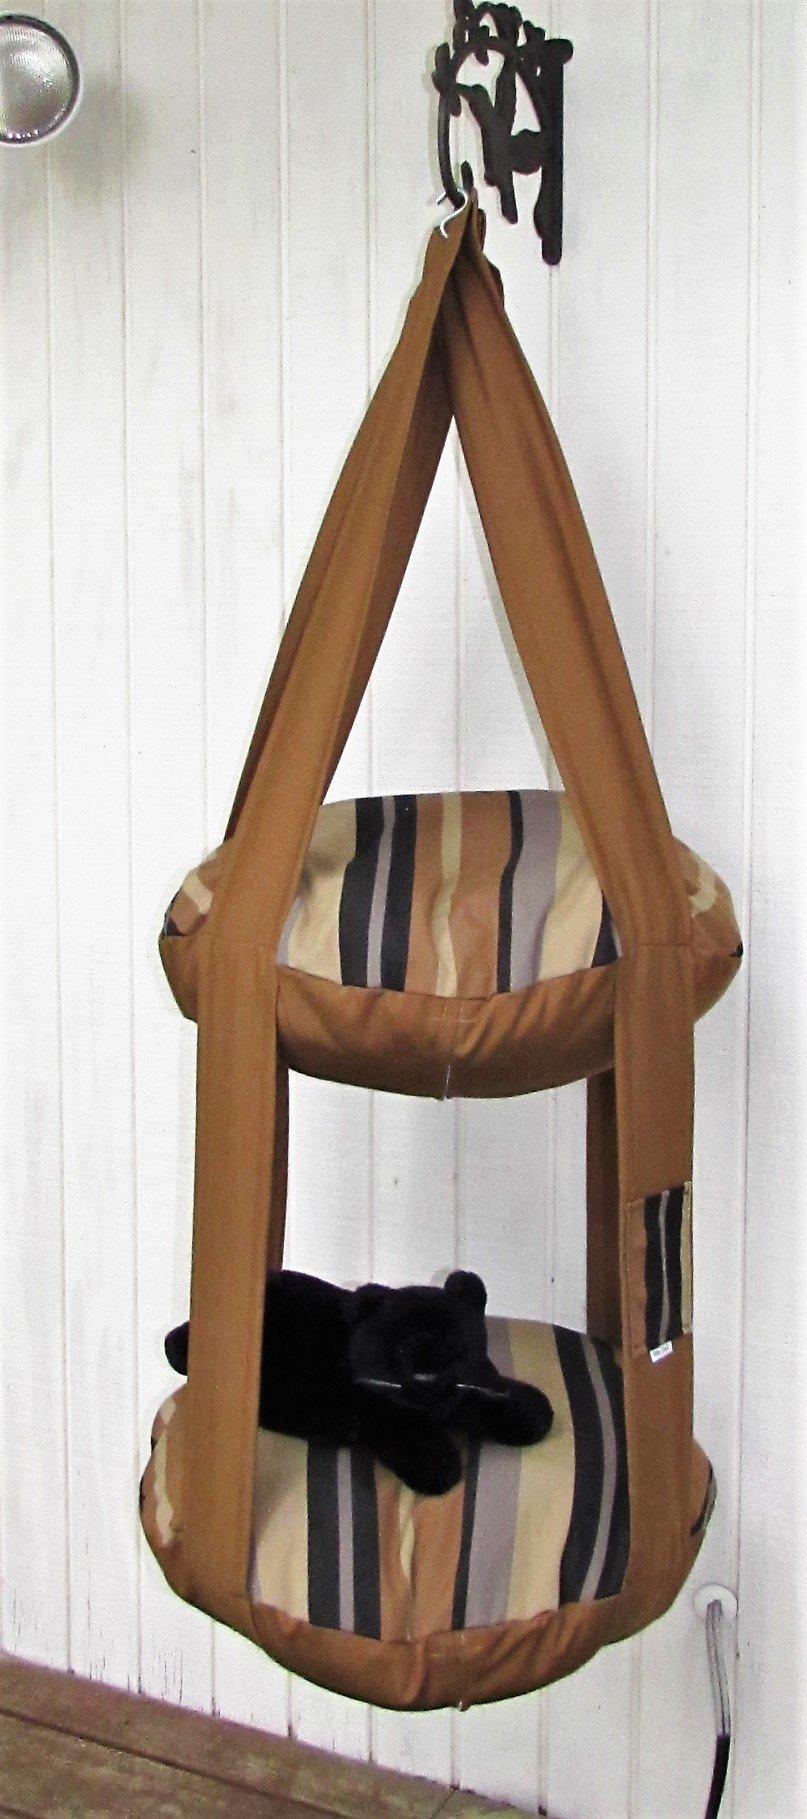 Outdoor Cat Bed Brown Beach Stripe 2 Level Kitty Cloud Cat Bed, Hanging Cat Bed, Pet Furniture, Cat Tree, Indoor Outdoor Cat Bed